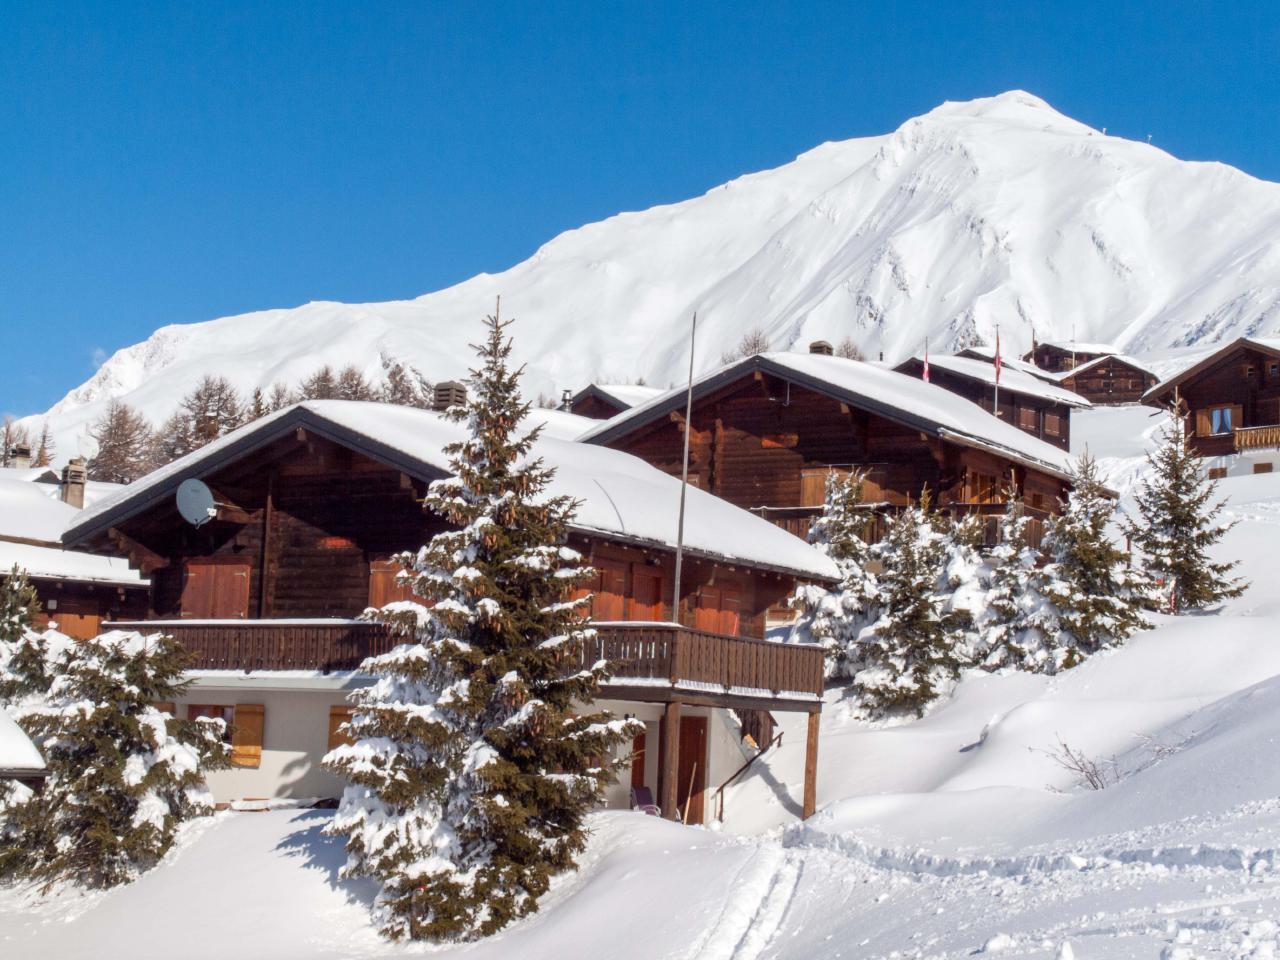 Ferienwohnung Chalet Allegra | Ferienwohnung in den Alpen (2245630), Rosswald, Brig - Simplon, Wallis, Schweiz, Bild 4